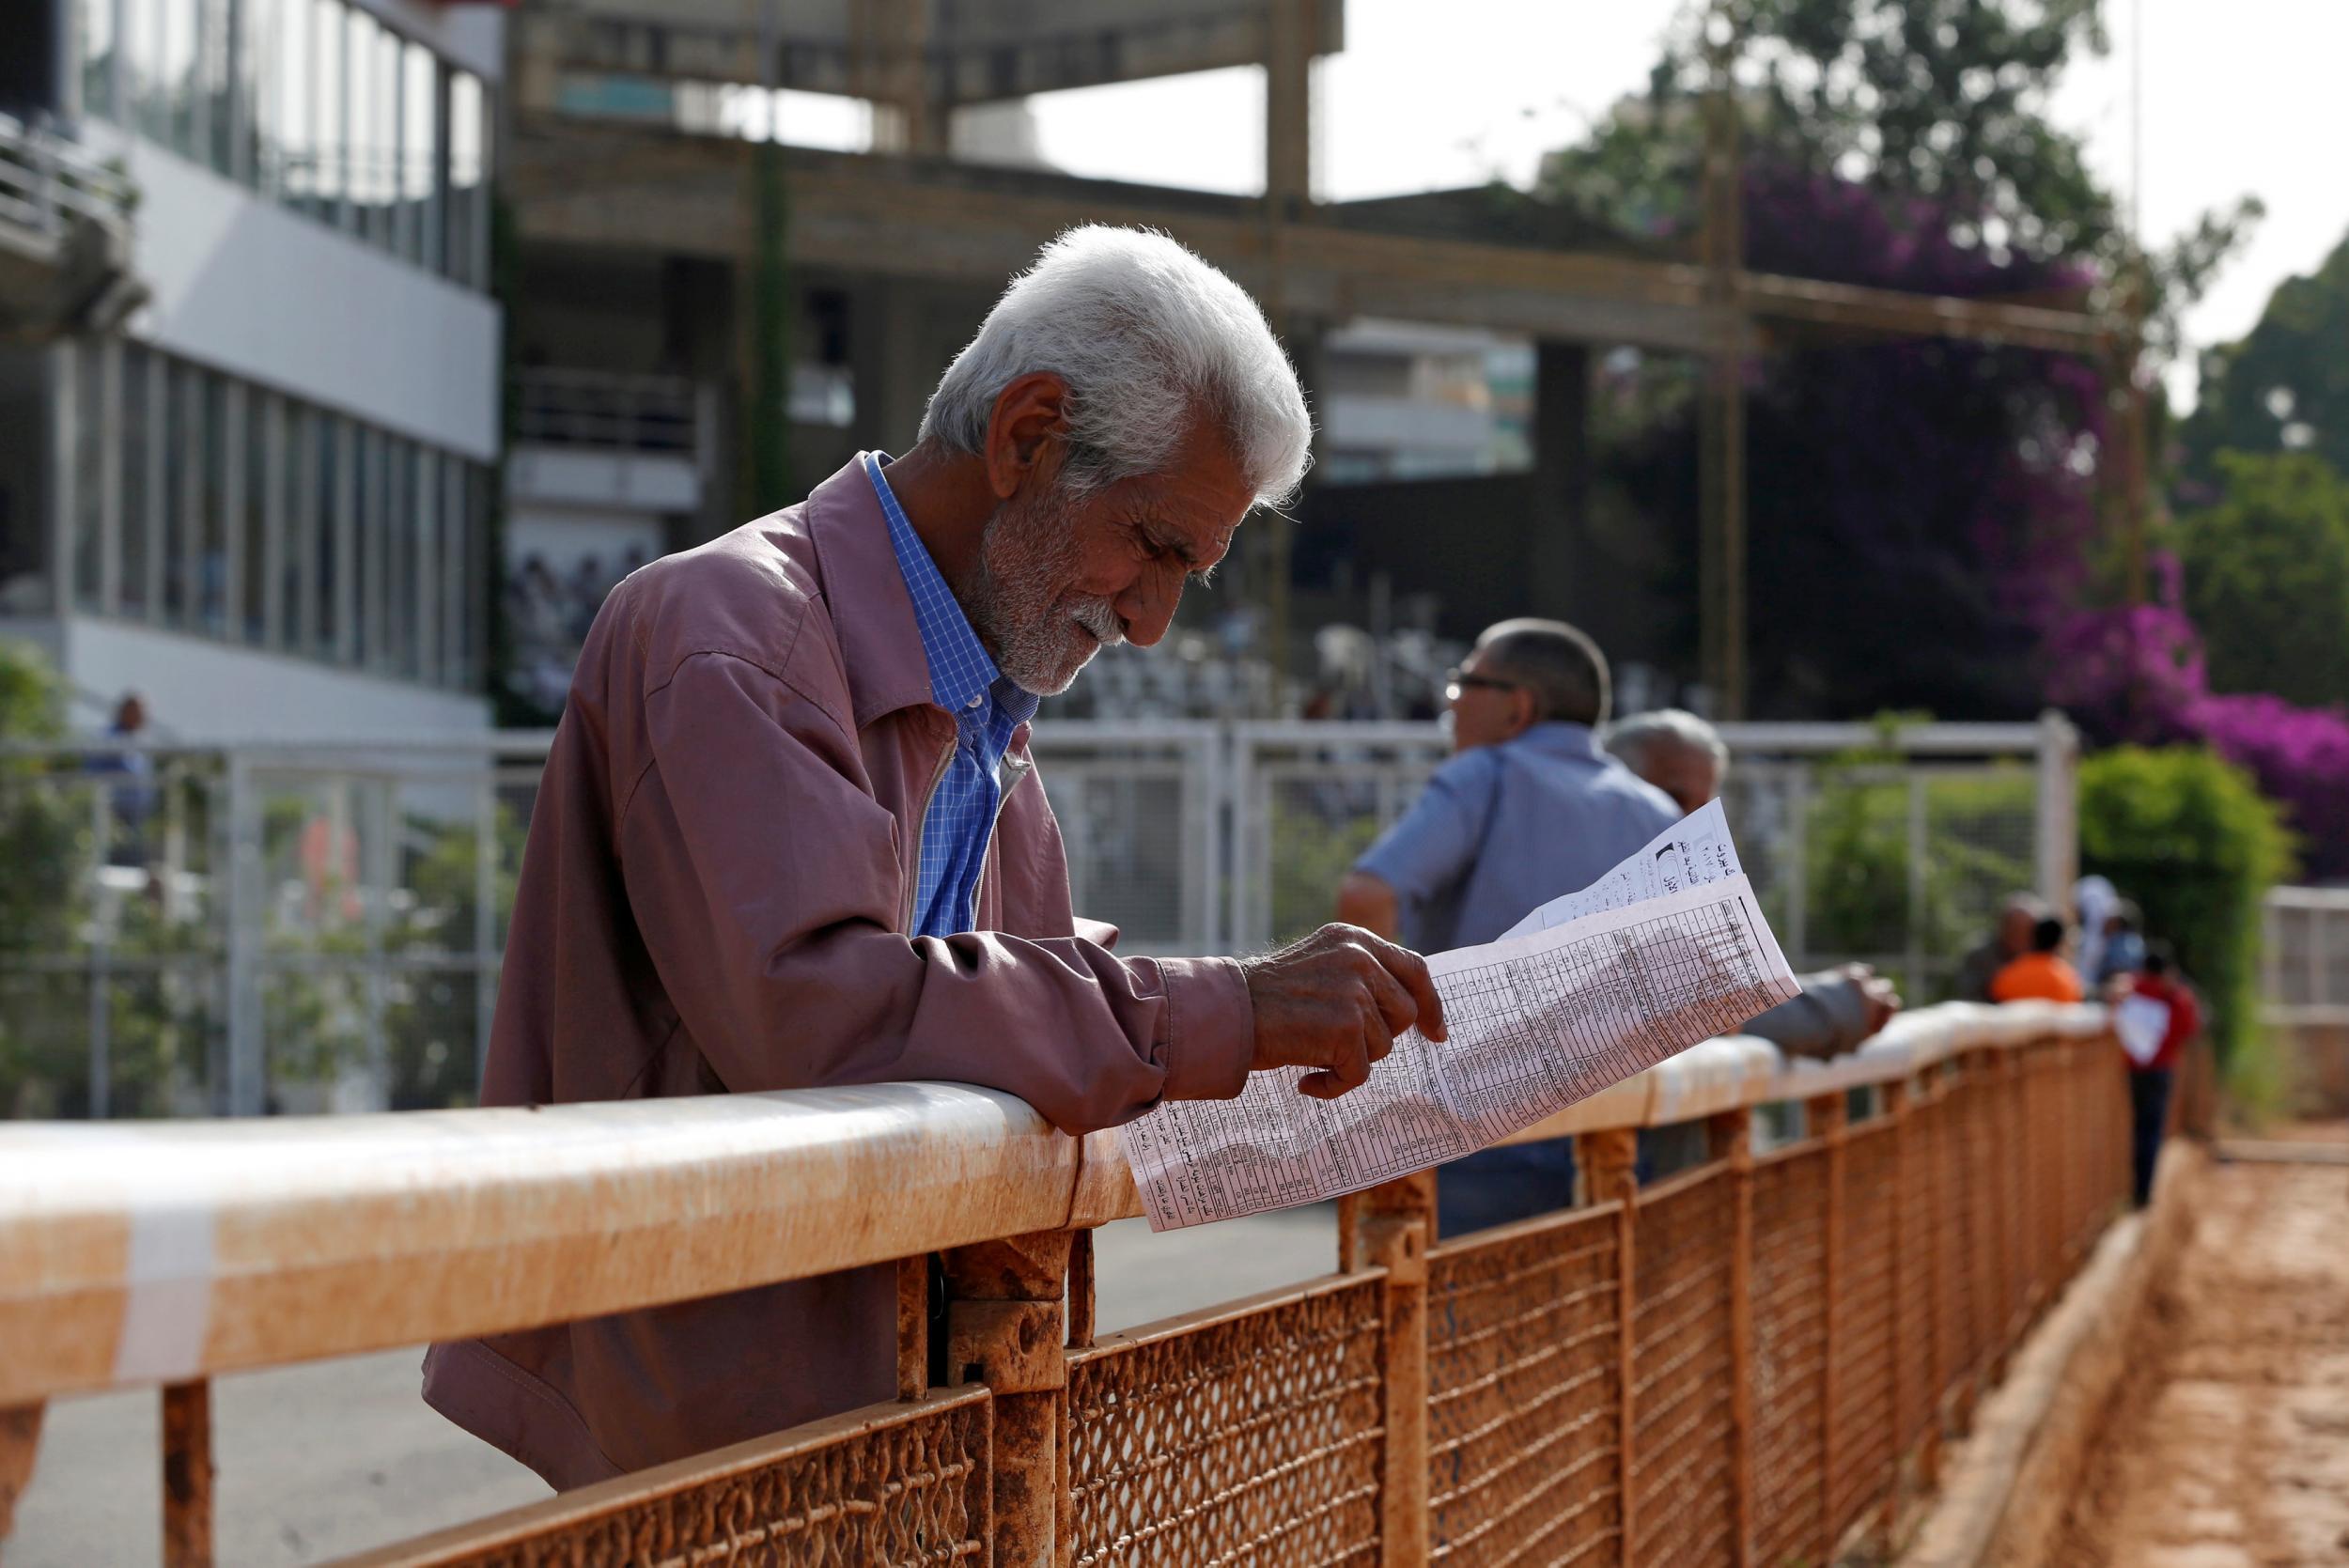 Beirut's racetrack hopes for winning streak again | The